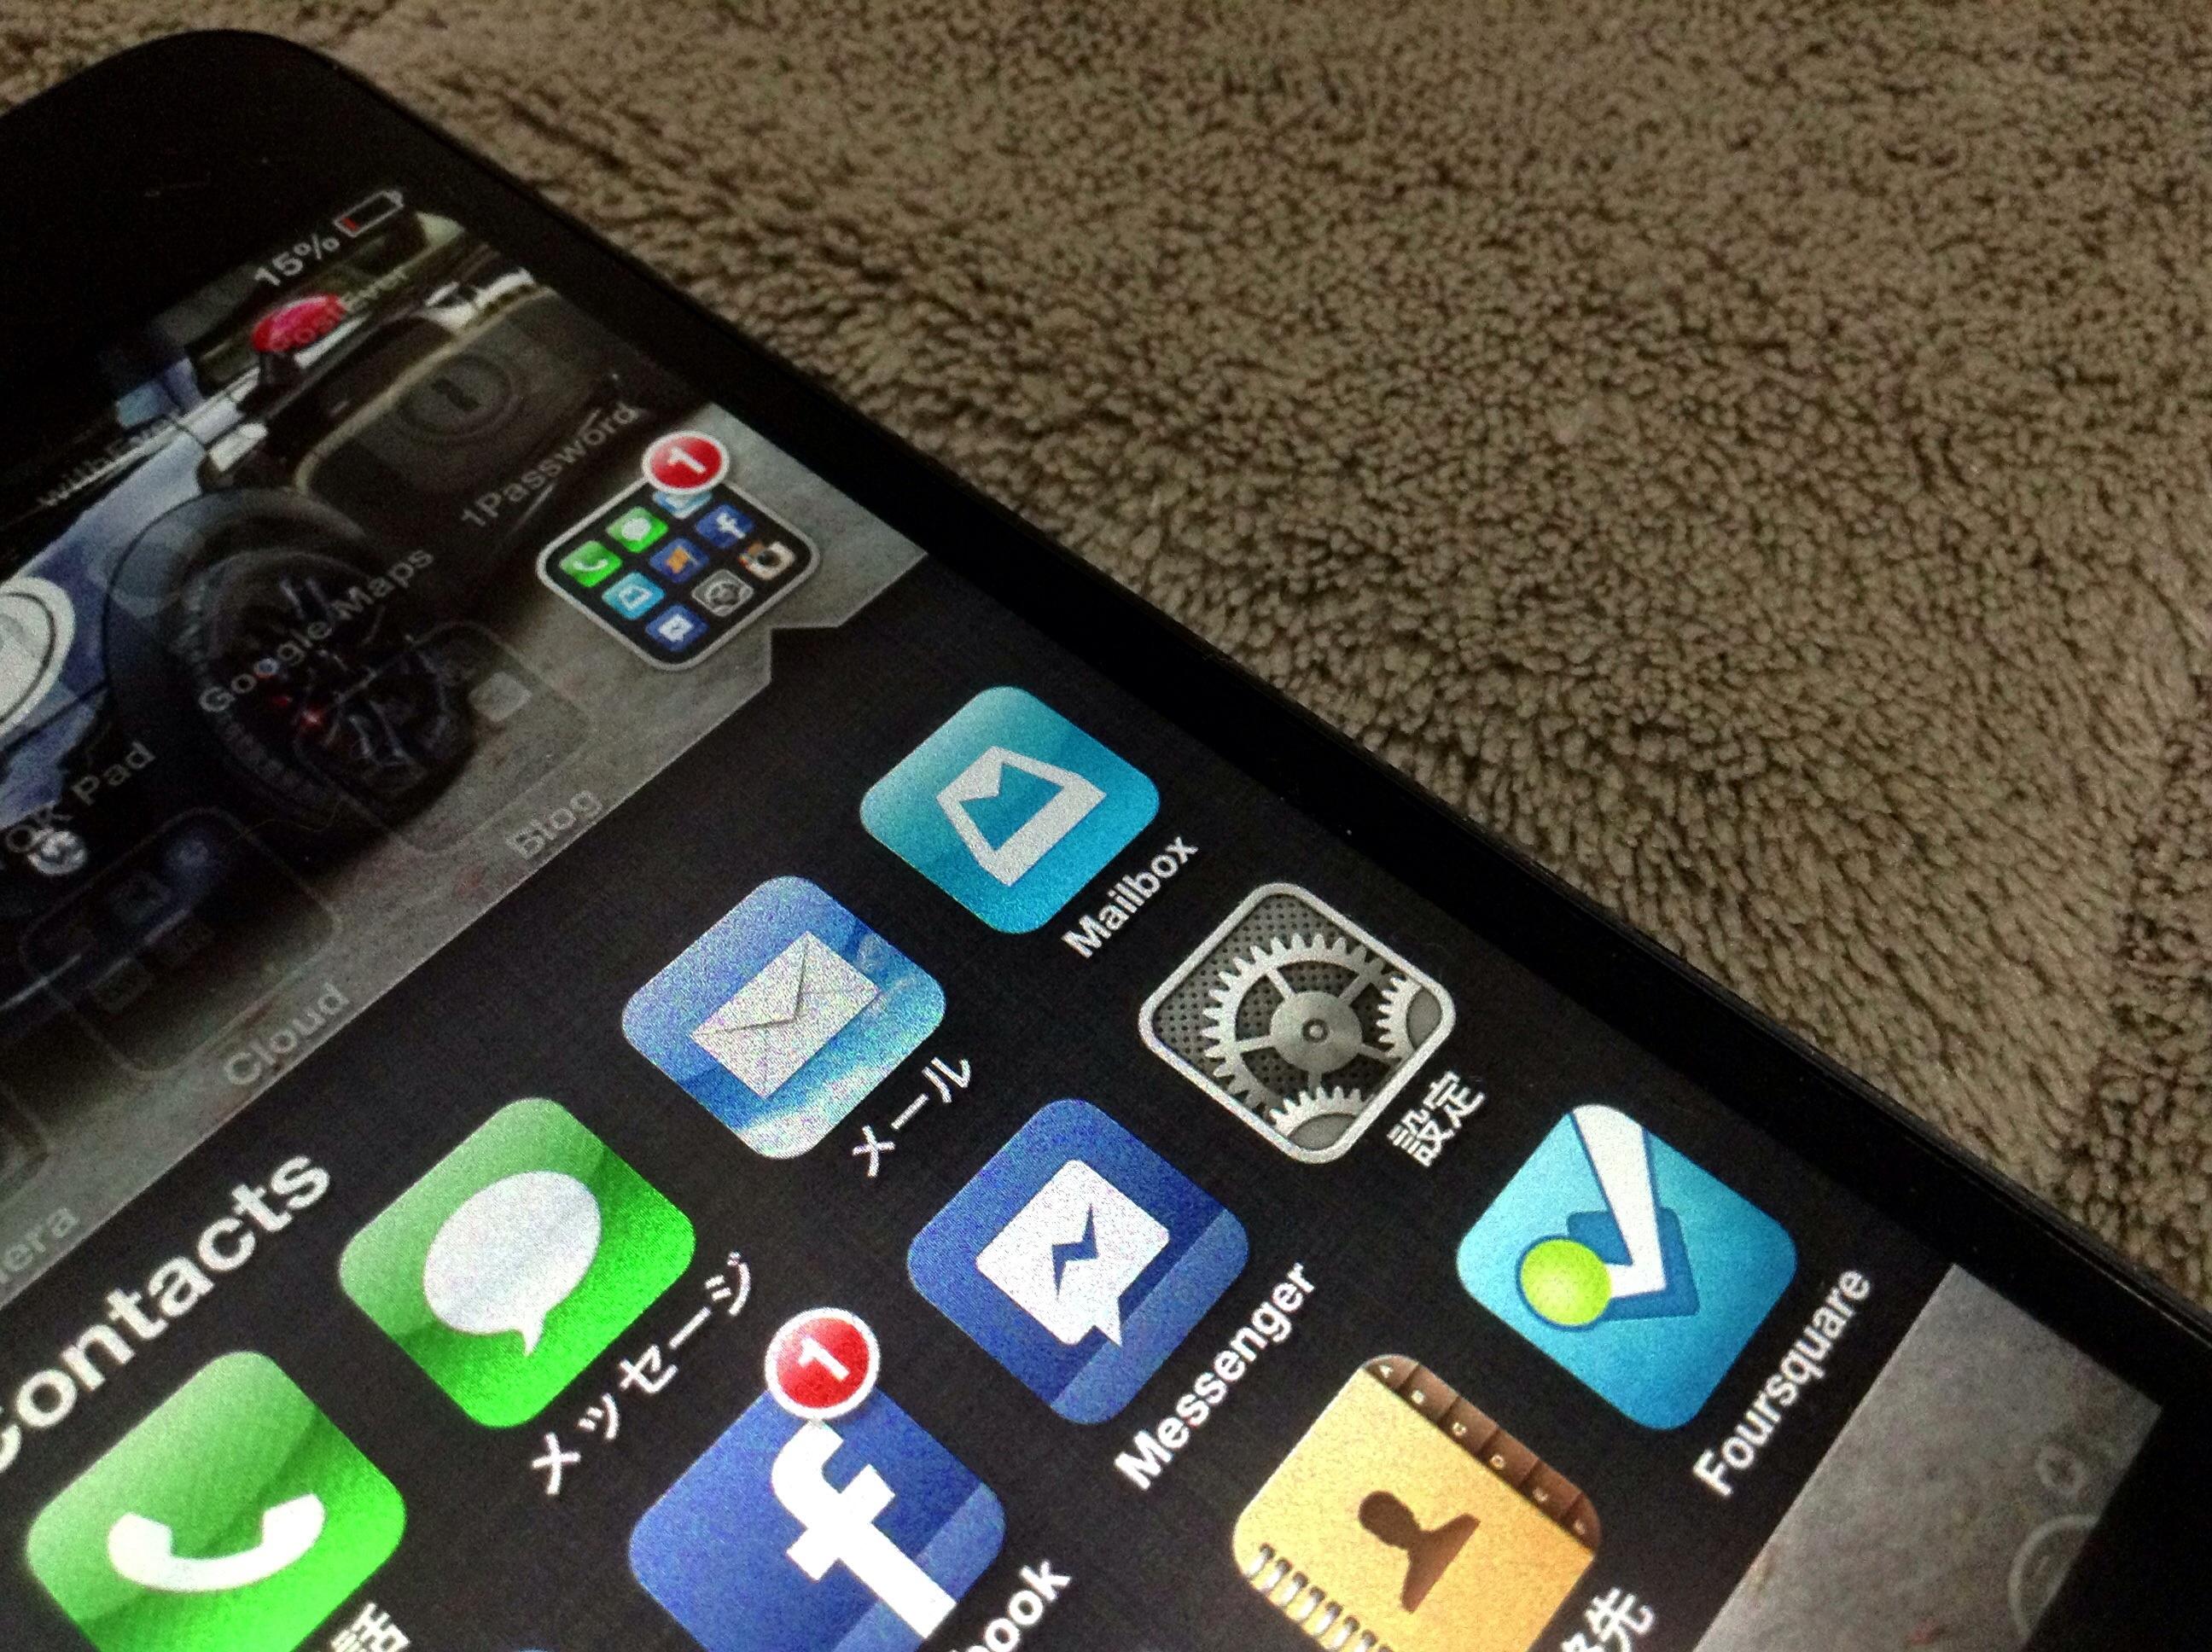 30万人待ちとも80万人待ちとも言われる話題のiPhoneアプリ「Mailbox」をダウンロードしたら68万人待ちだった!